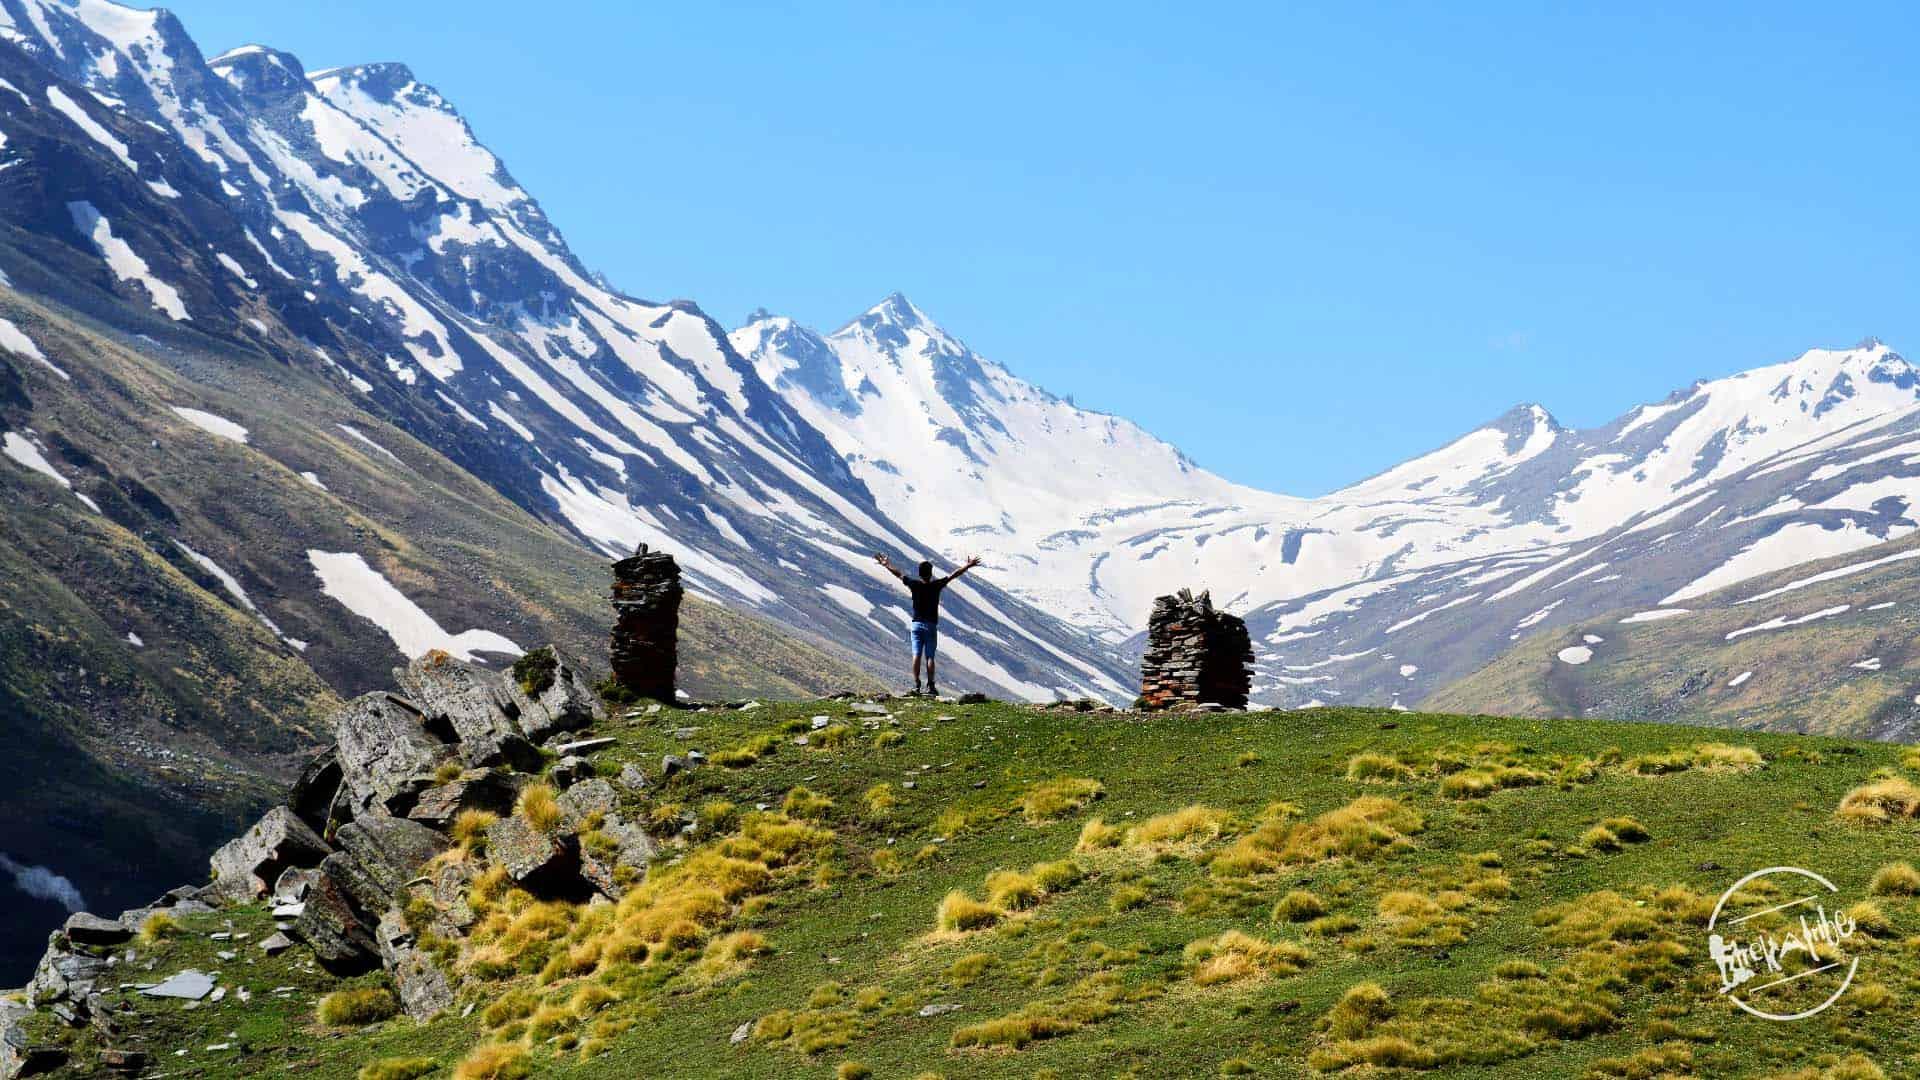 Rupin Pass Trekking- Classy View of Rupin Pass